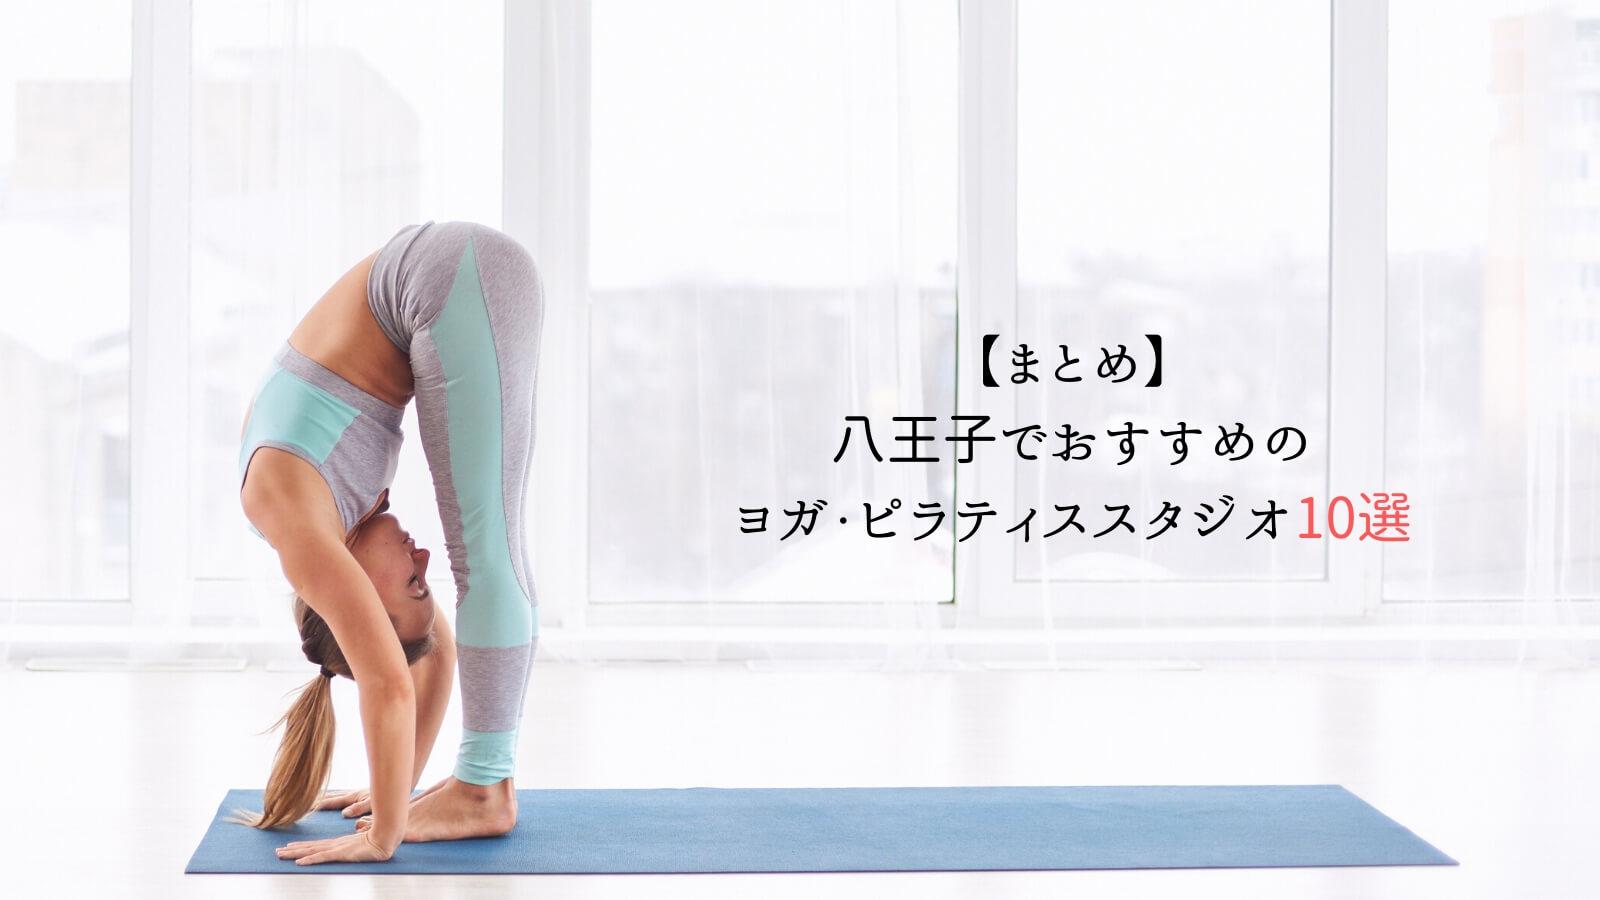 【まとめ】八王子でおすすめのヨガ・ピラティススタジオ10選